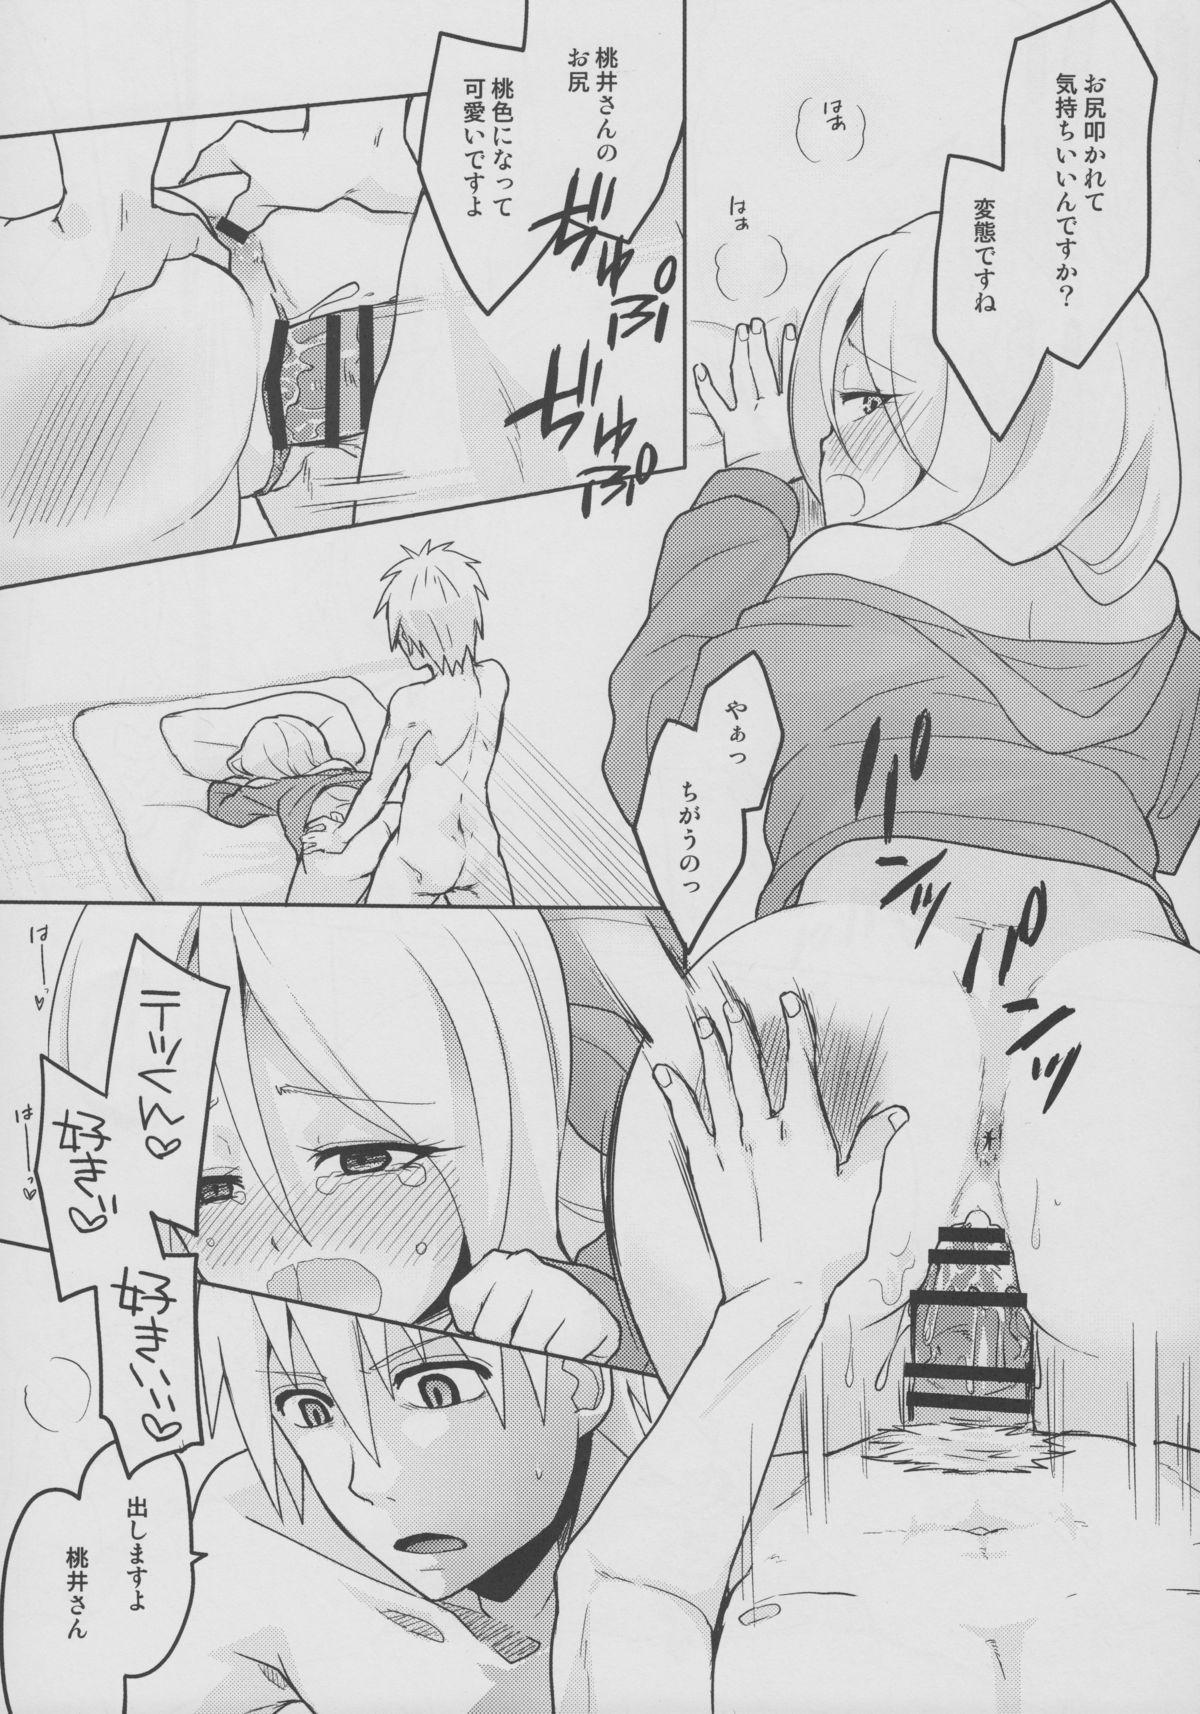 MomoKuro Ecchi 13